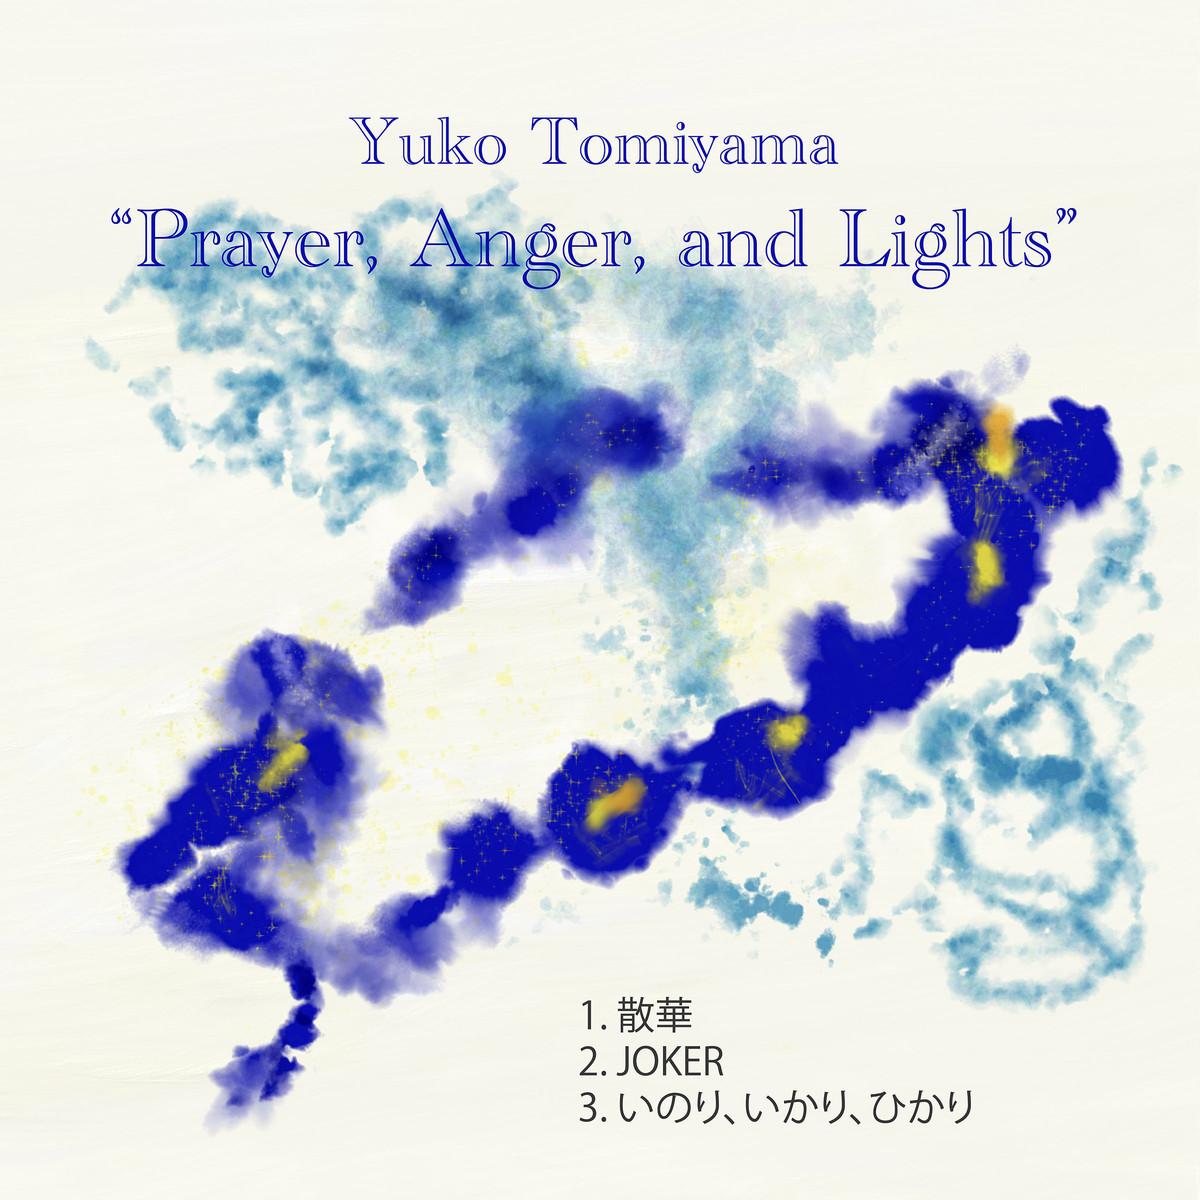 f:id:ytomiyama:20210305185933j:plain